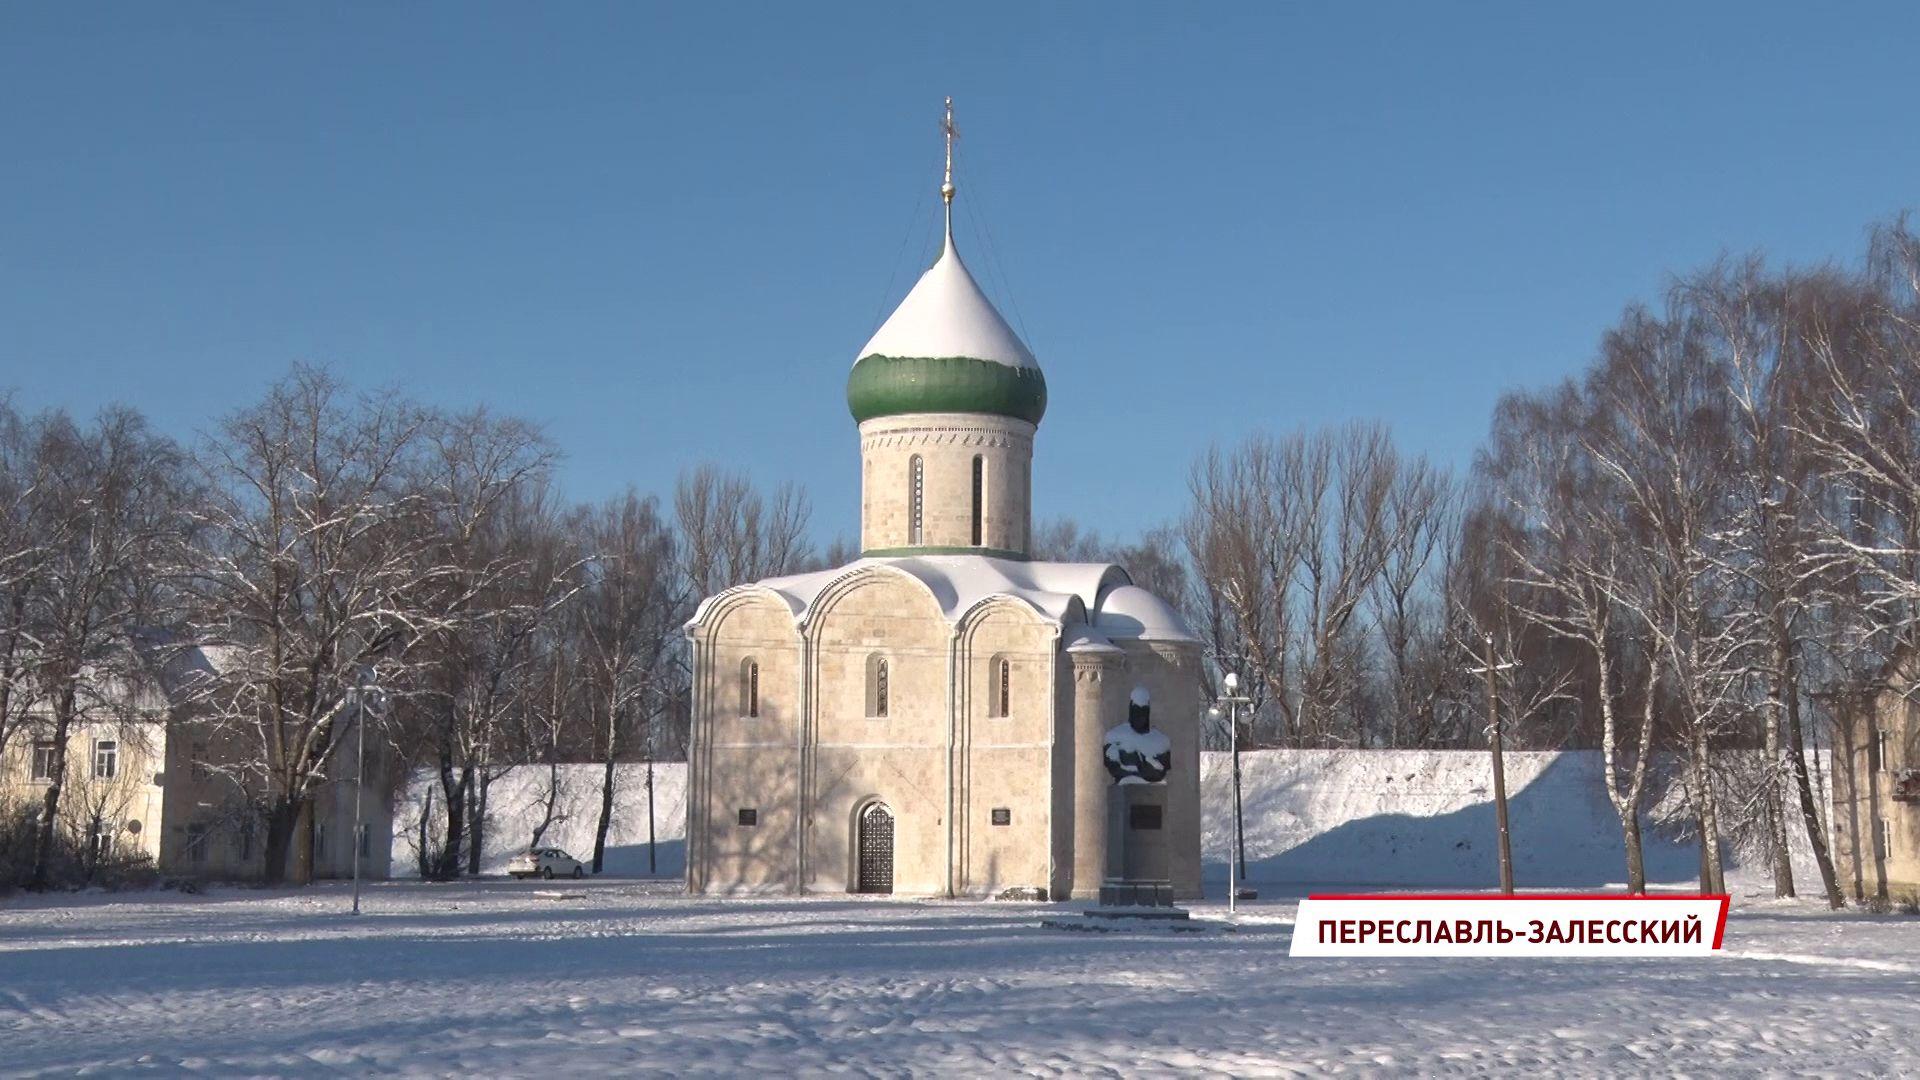 Ярославль станет одной из основных площадок празднования 800-летия со дня рождения Александра Невского